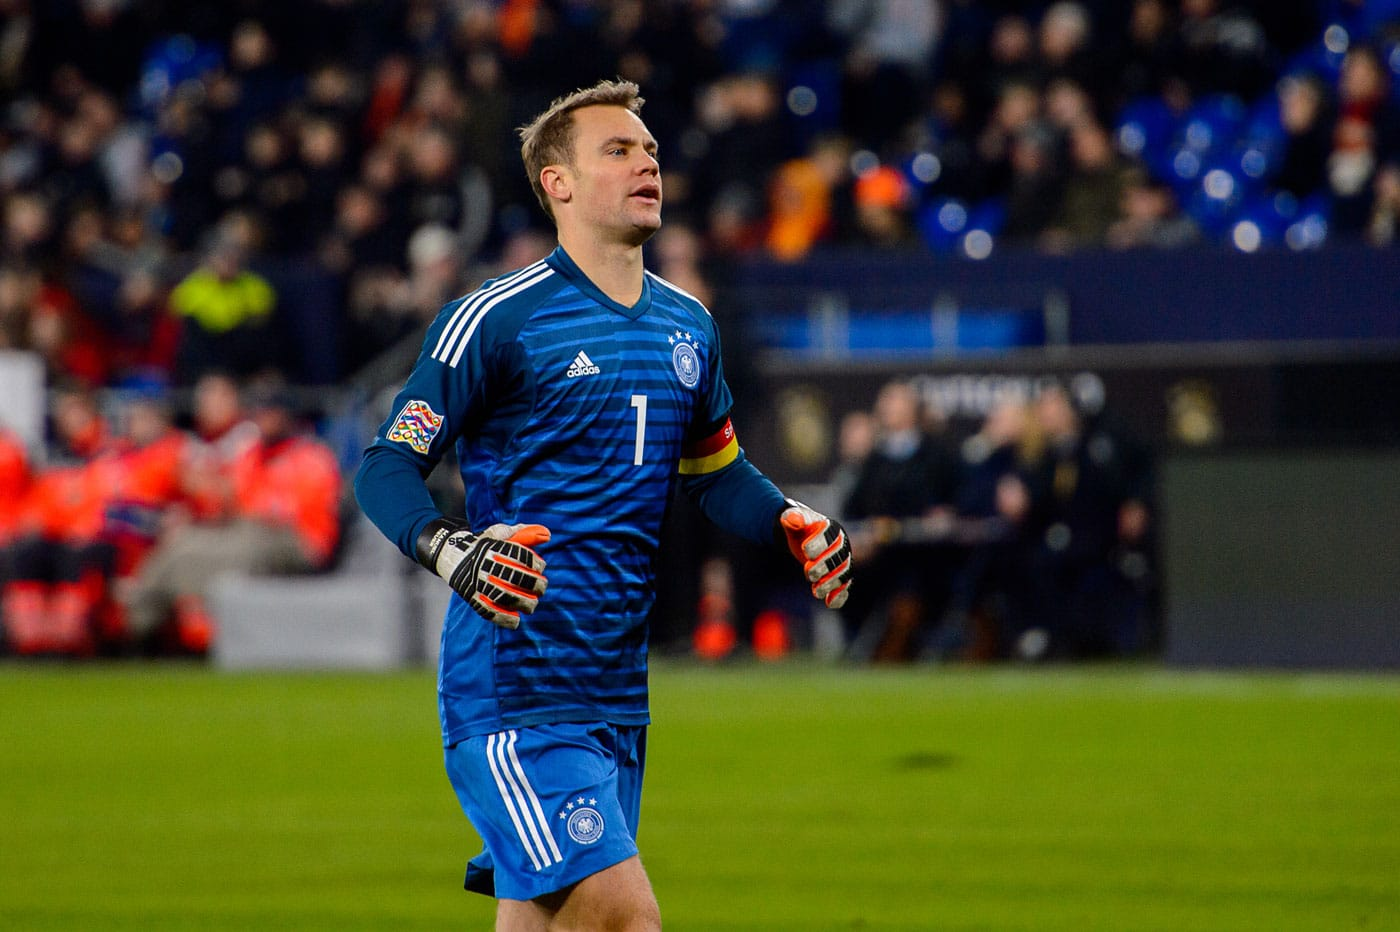 Kapitän und Torwart Nr. 1 im Sommer 2019 gegen die Niederlande im aktuellen DFB Torwarttrikot mit der Nr.1 (Foto Shutterstock)